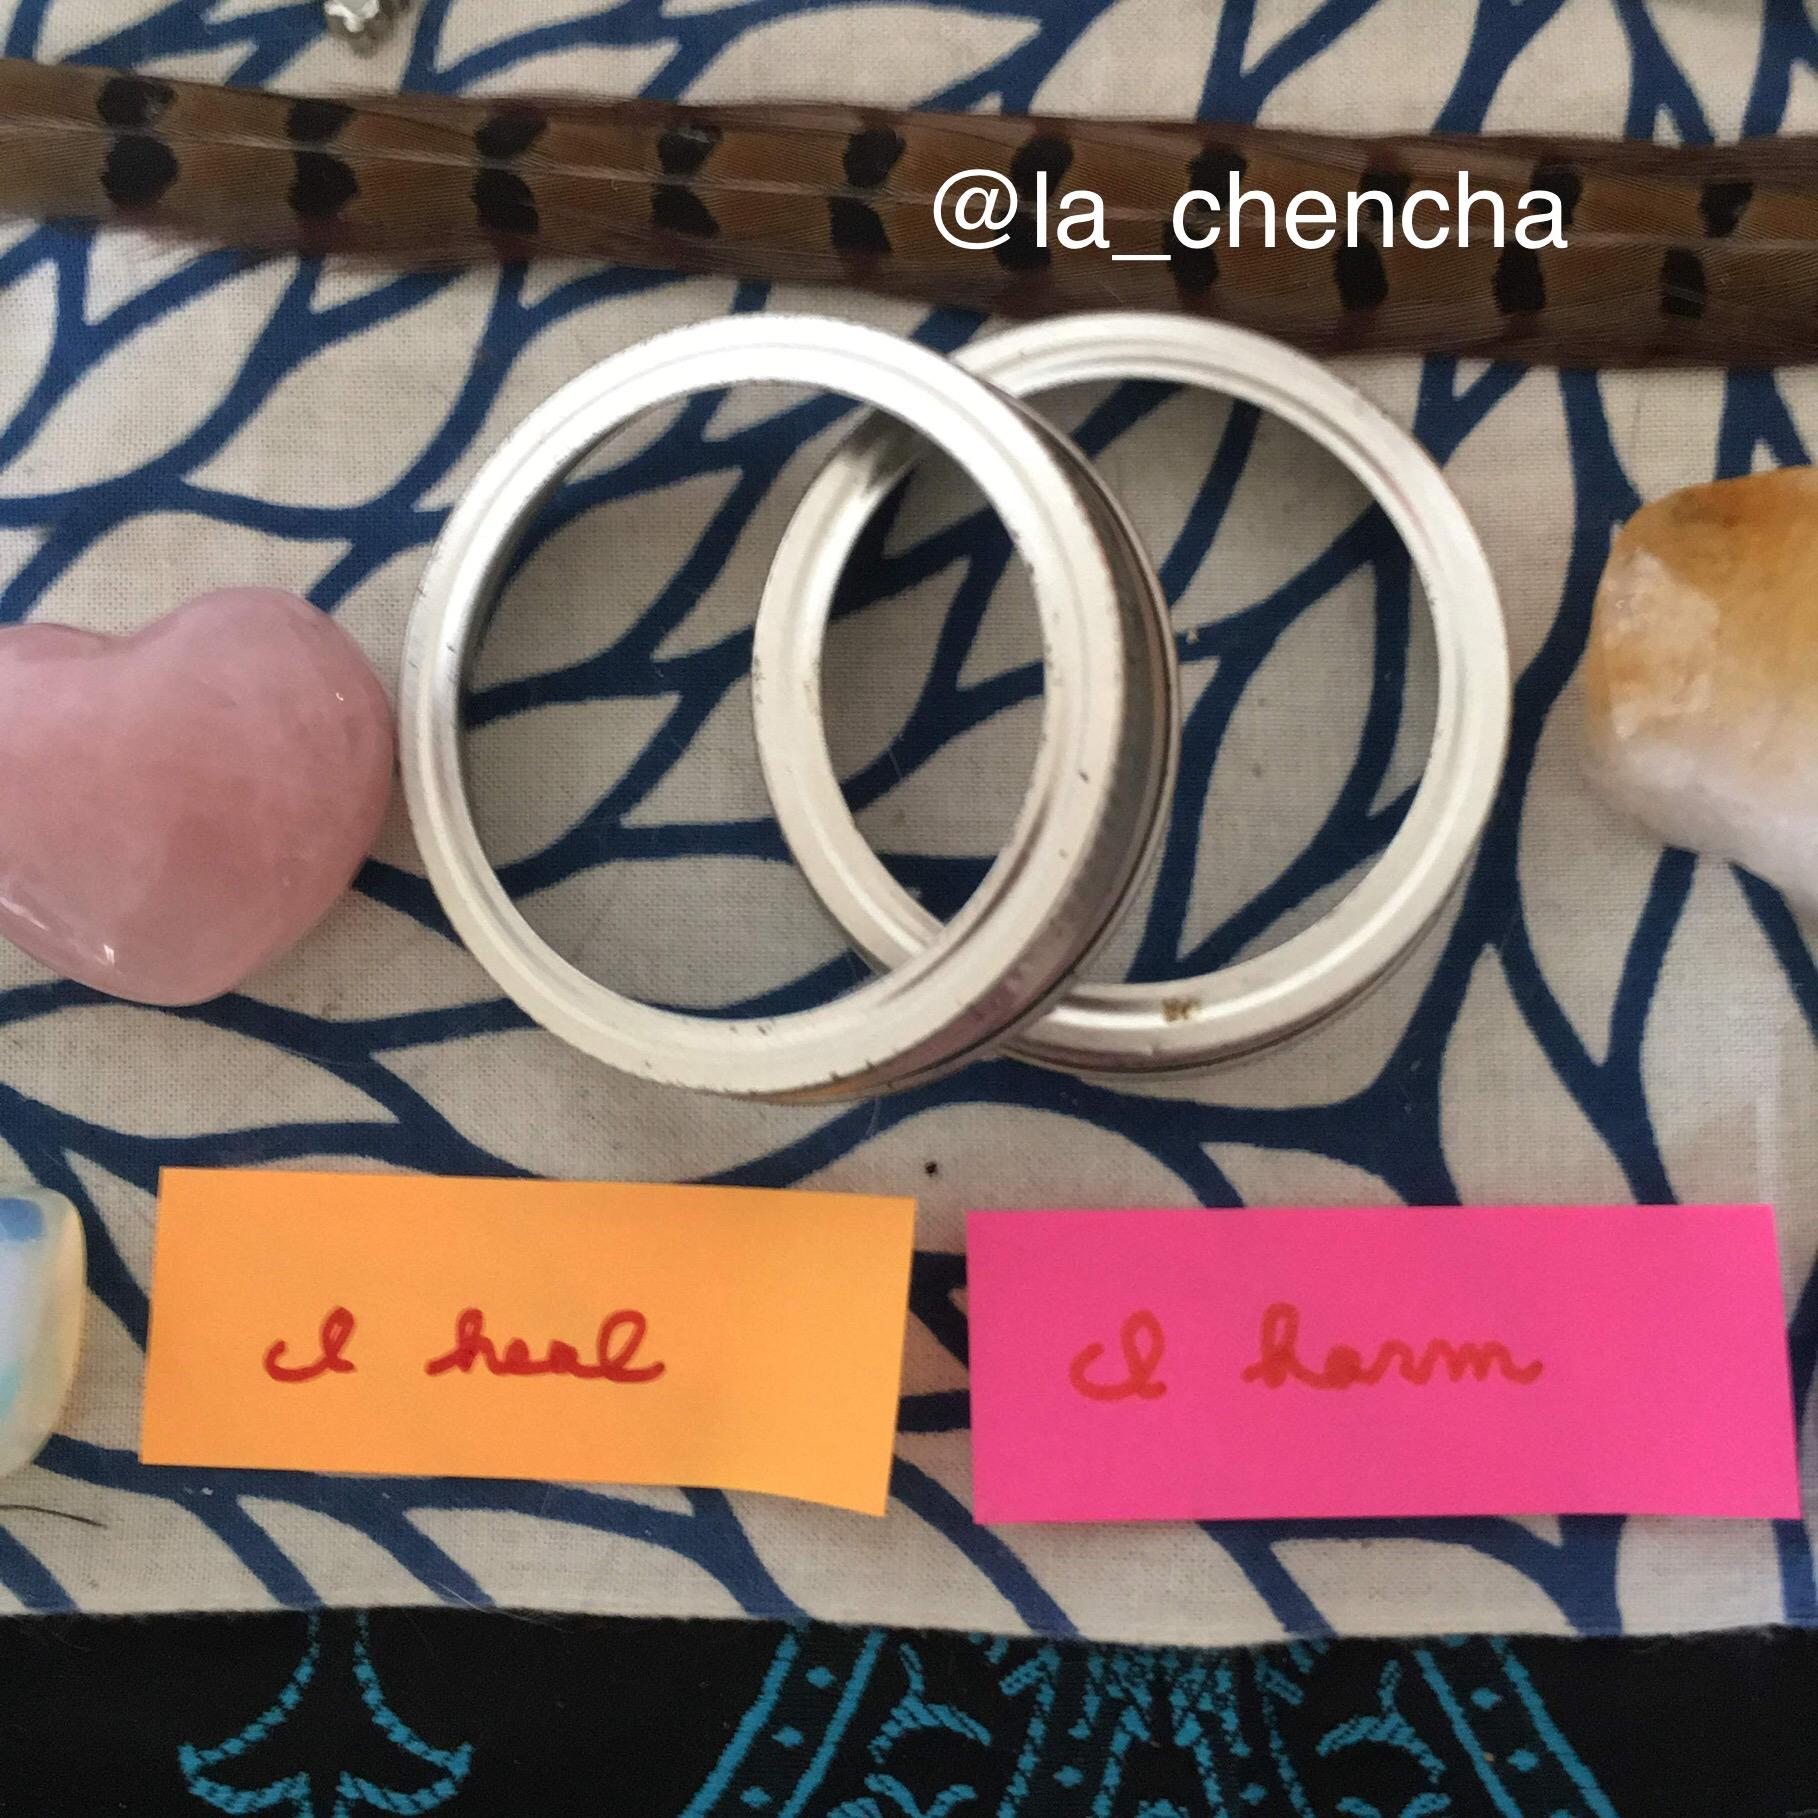 2a @la_chencha I harm-Iheal.jpg